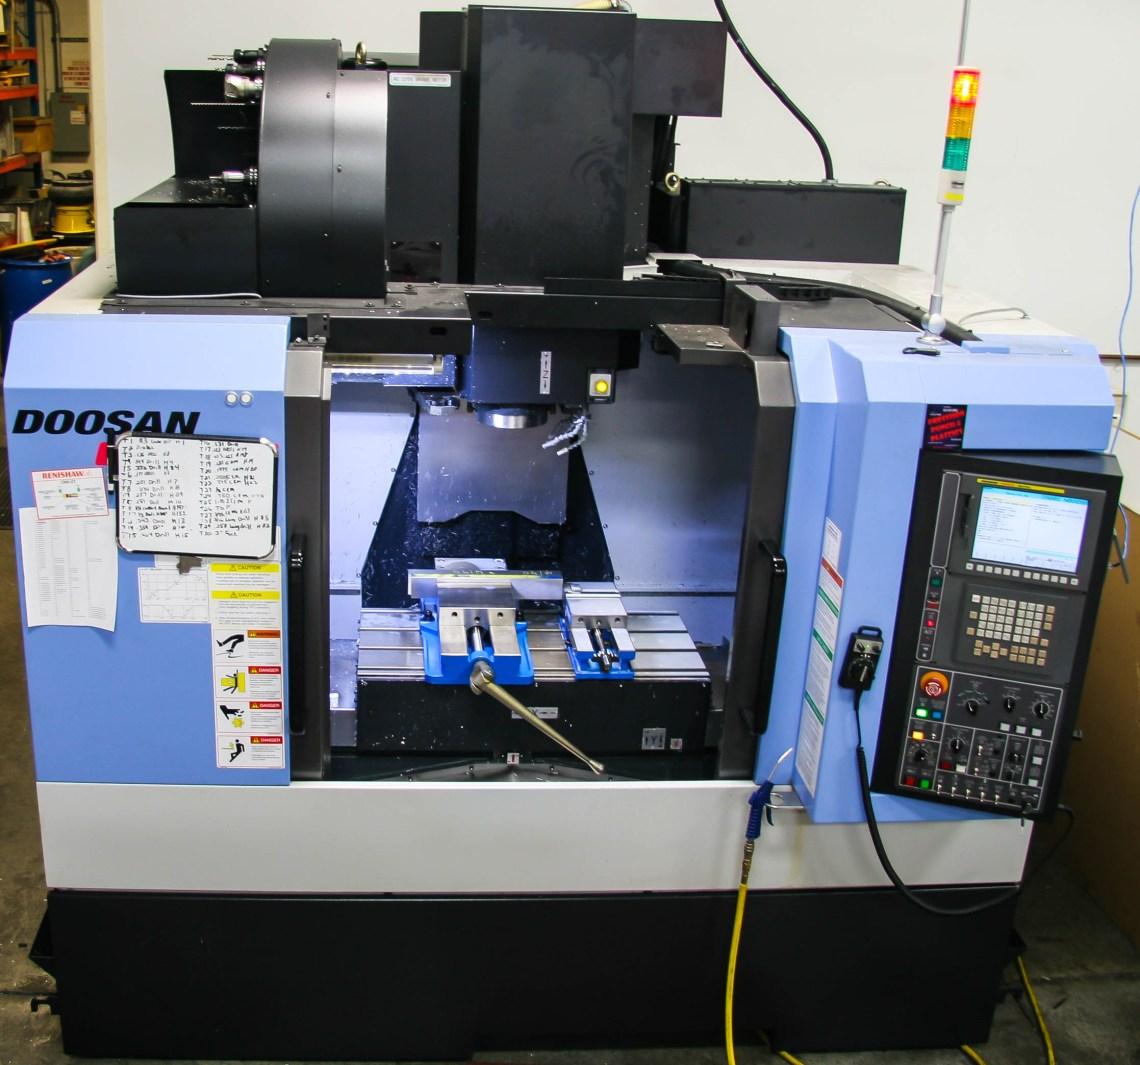 Machine Shop - CNC Machine